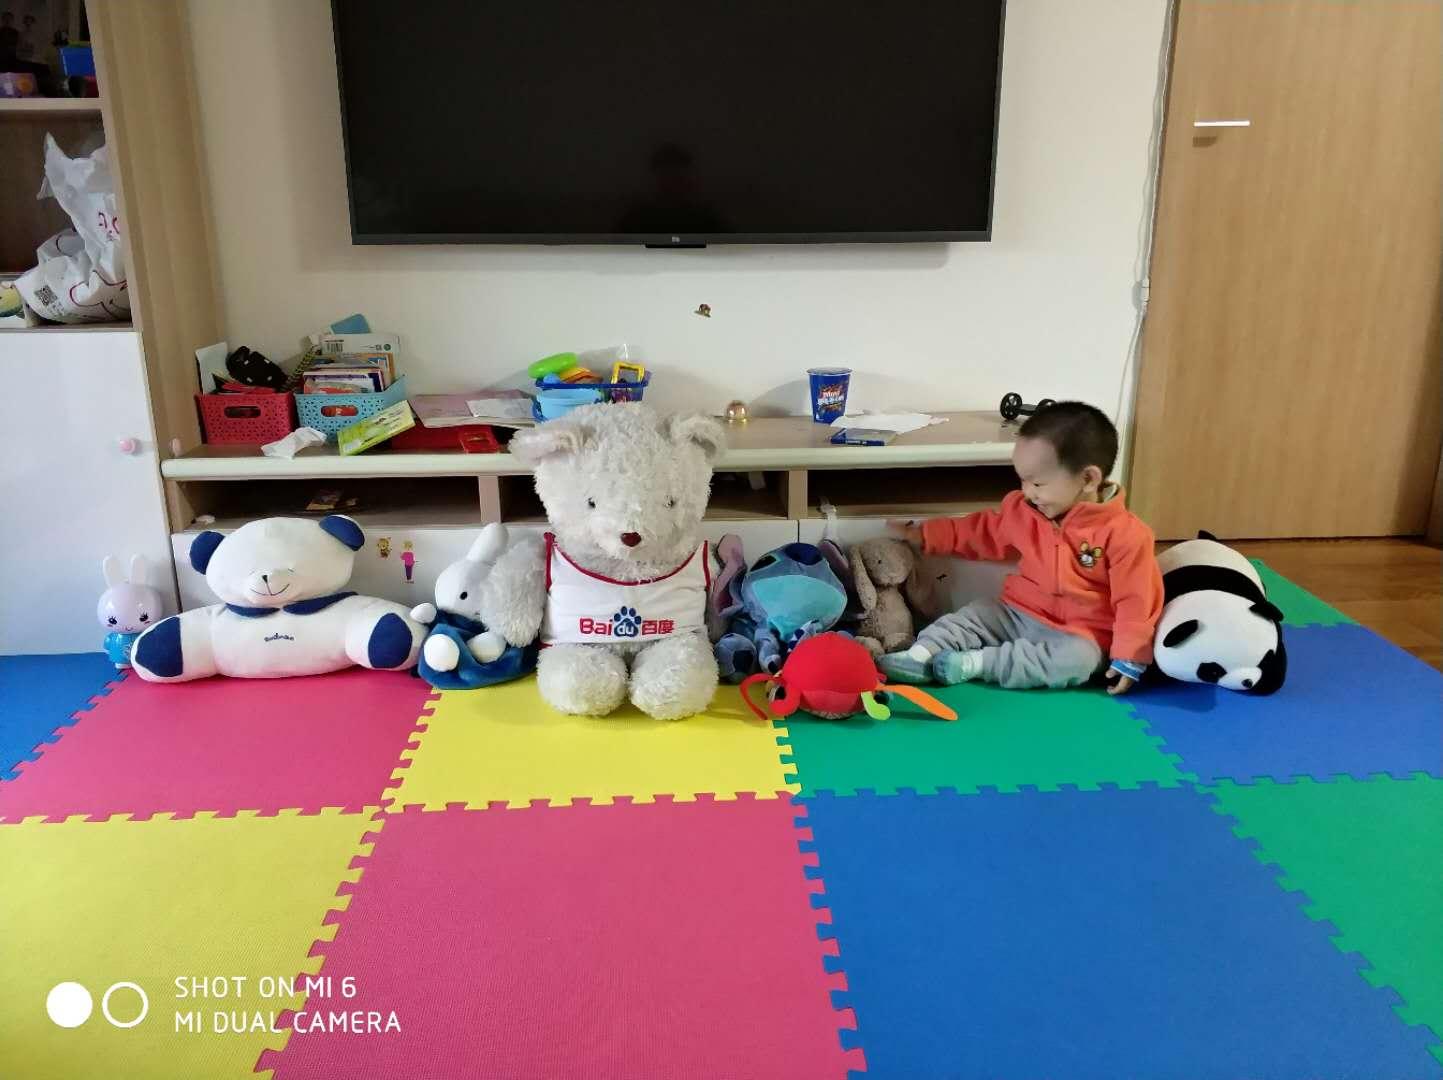 莫莫和玩具们排排坐